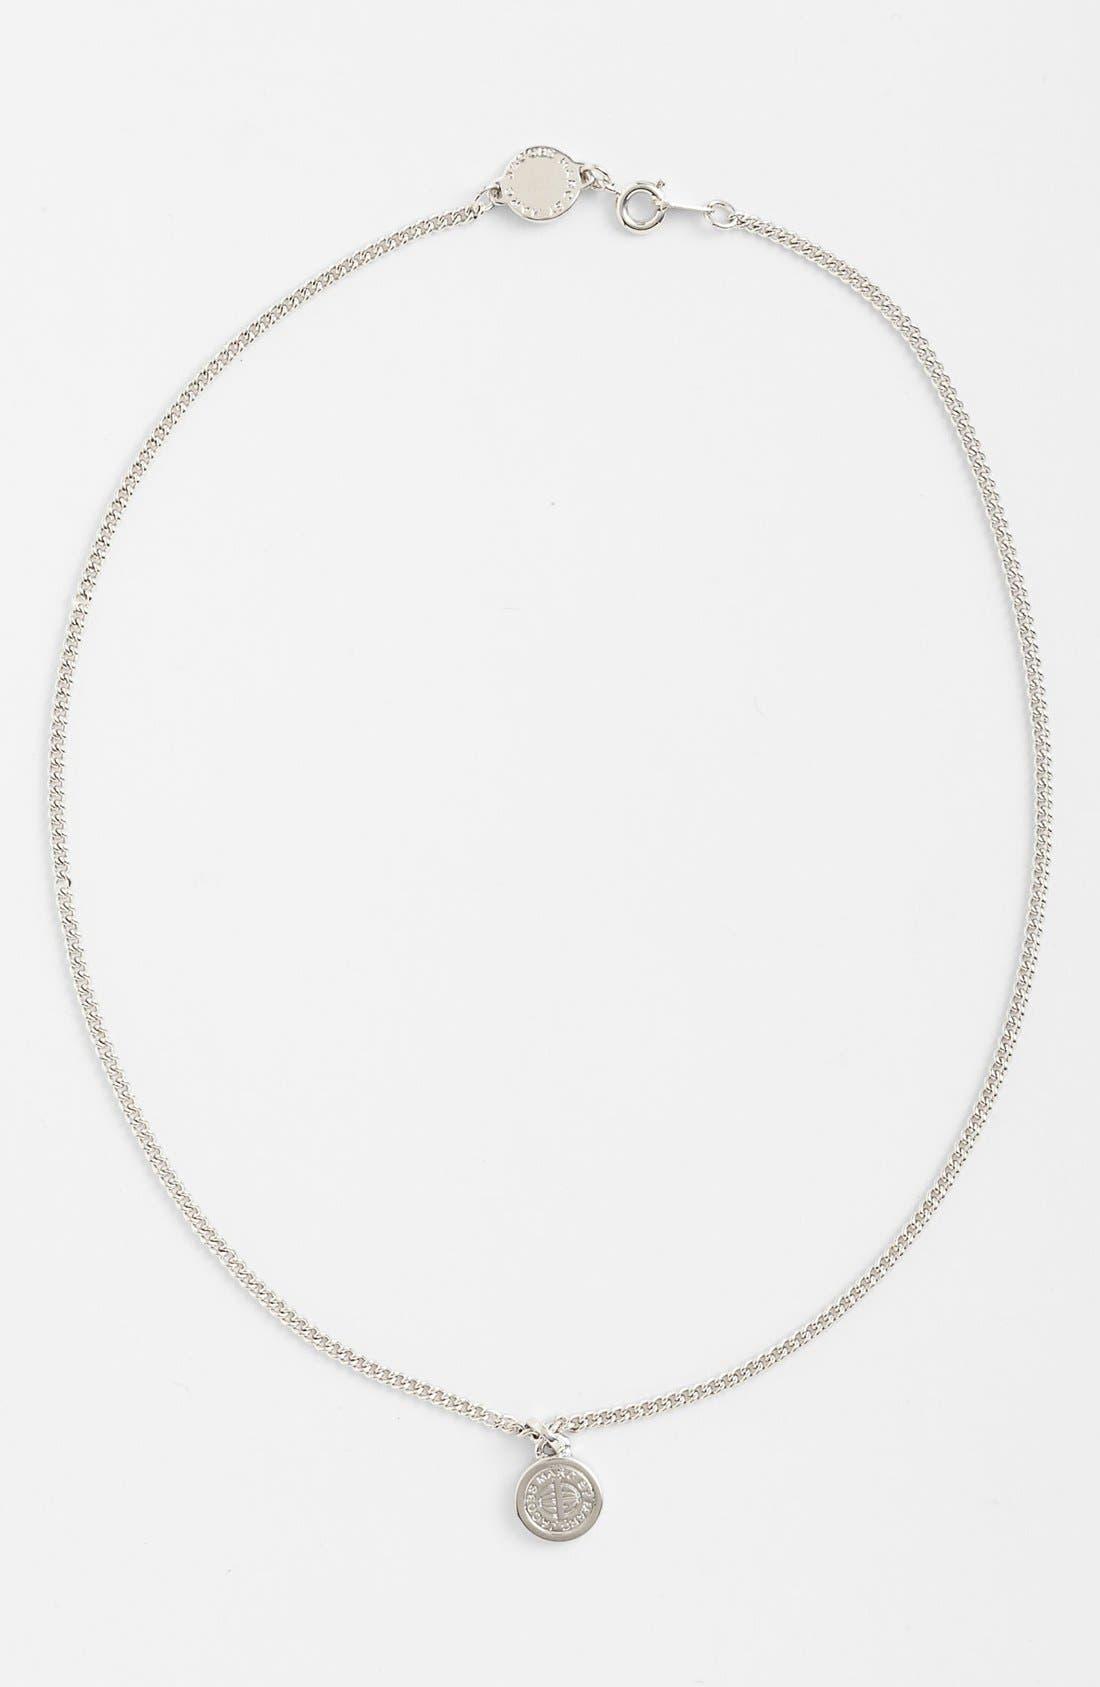 Main Image - MARC BY MARC JACOBS 'Trompe l'Oeil' Pendant Necklace